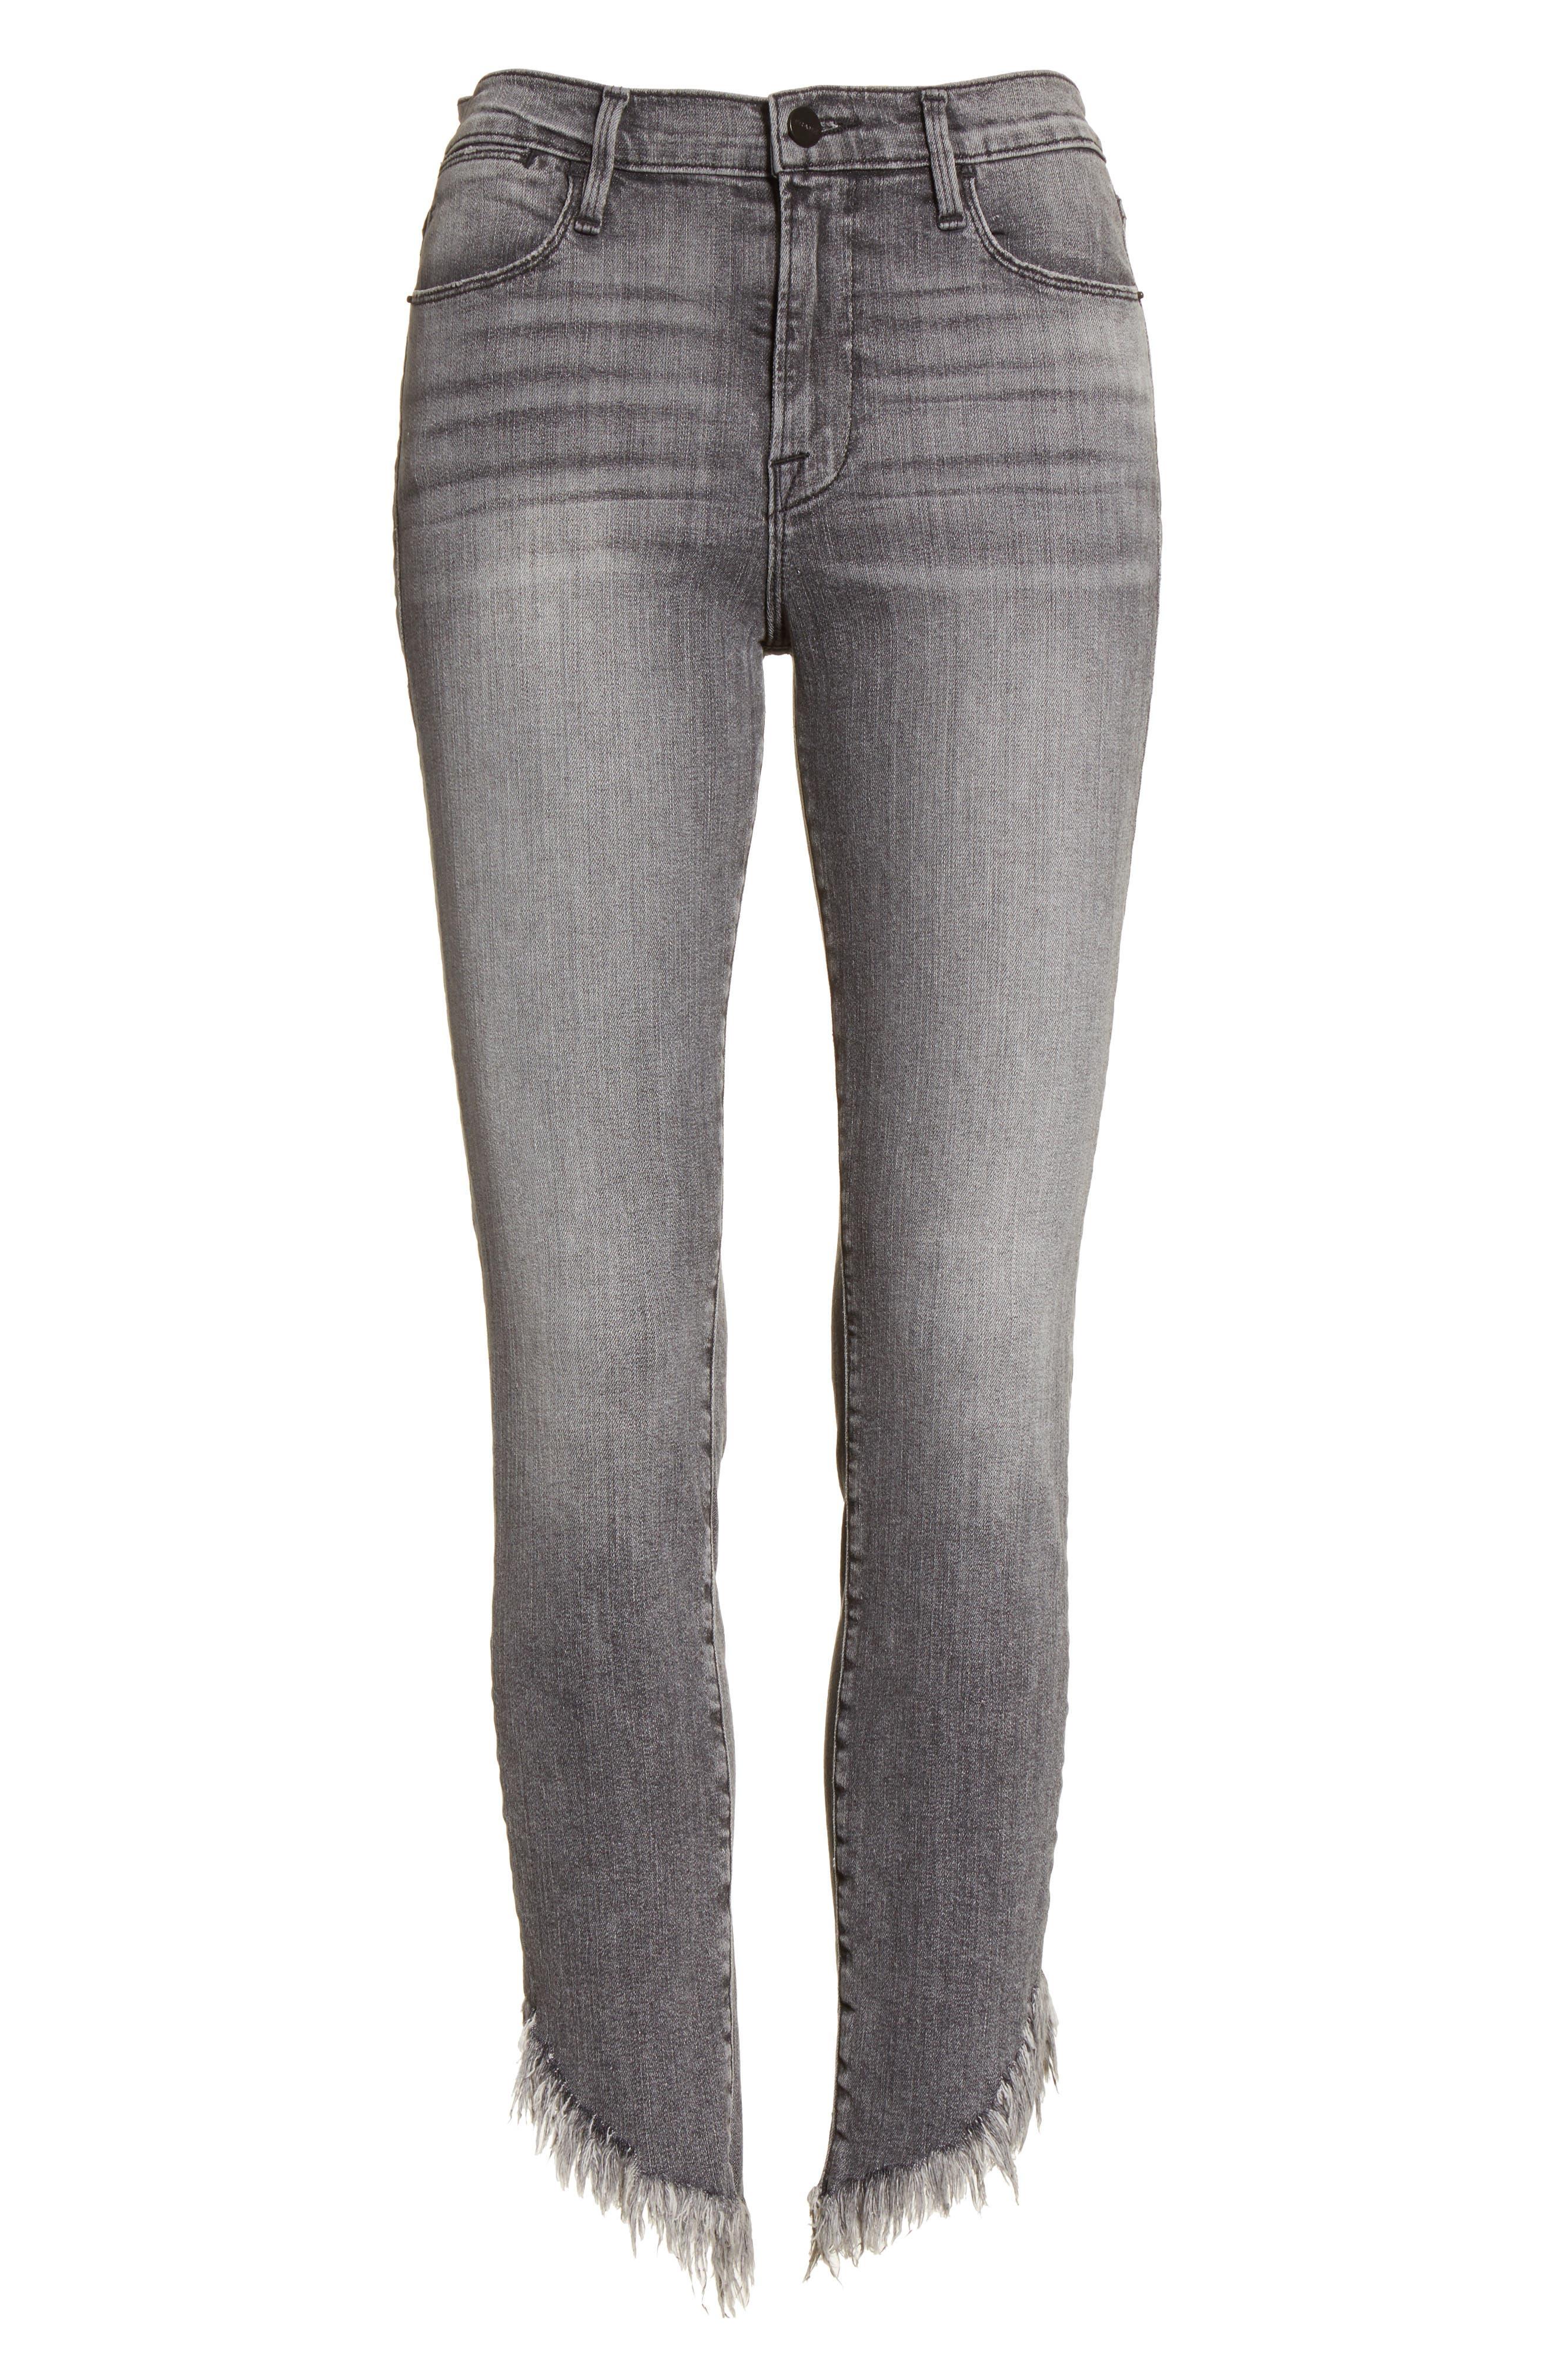 Le High Shredded Skinny Jeans,                             Alternate thumbnail 7, color,                             Berwick